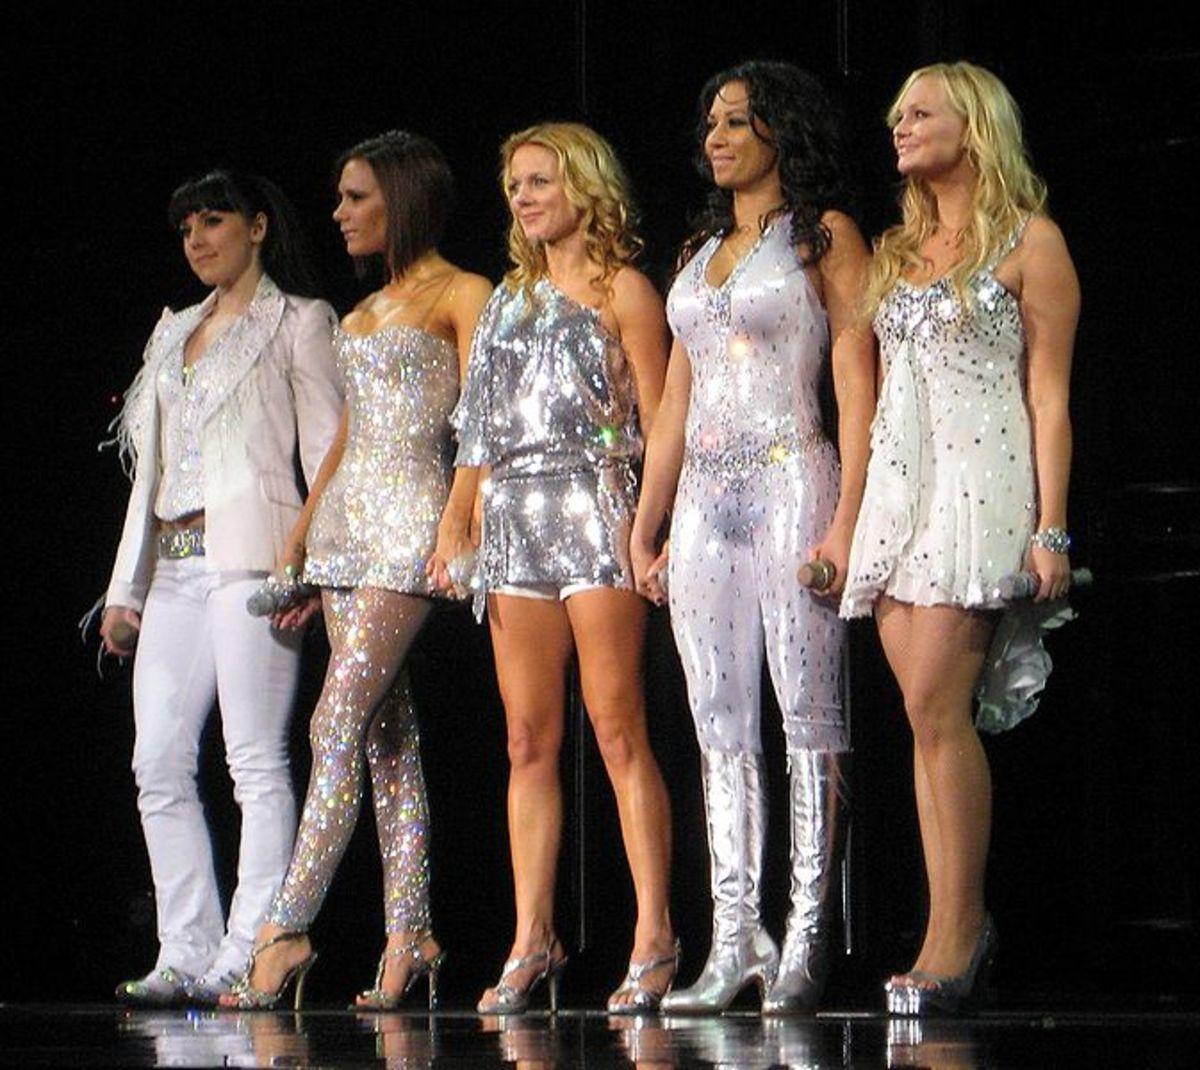 Final Concert in 2008 in Toronto, Ontario.